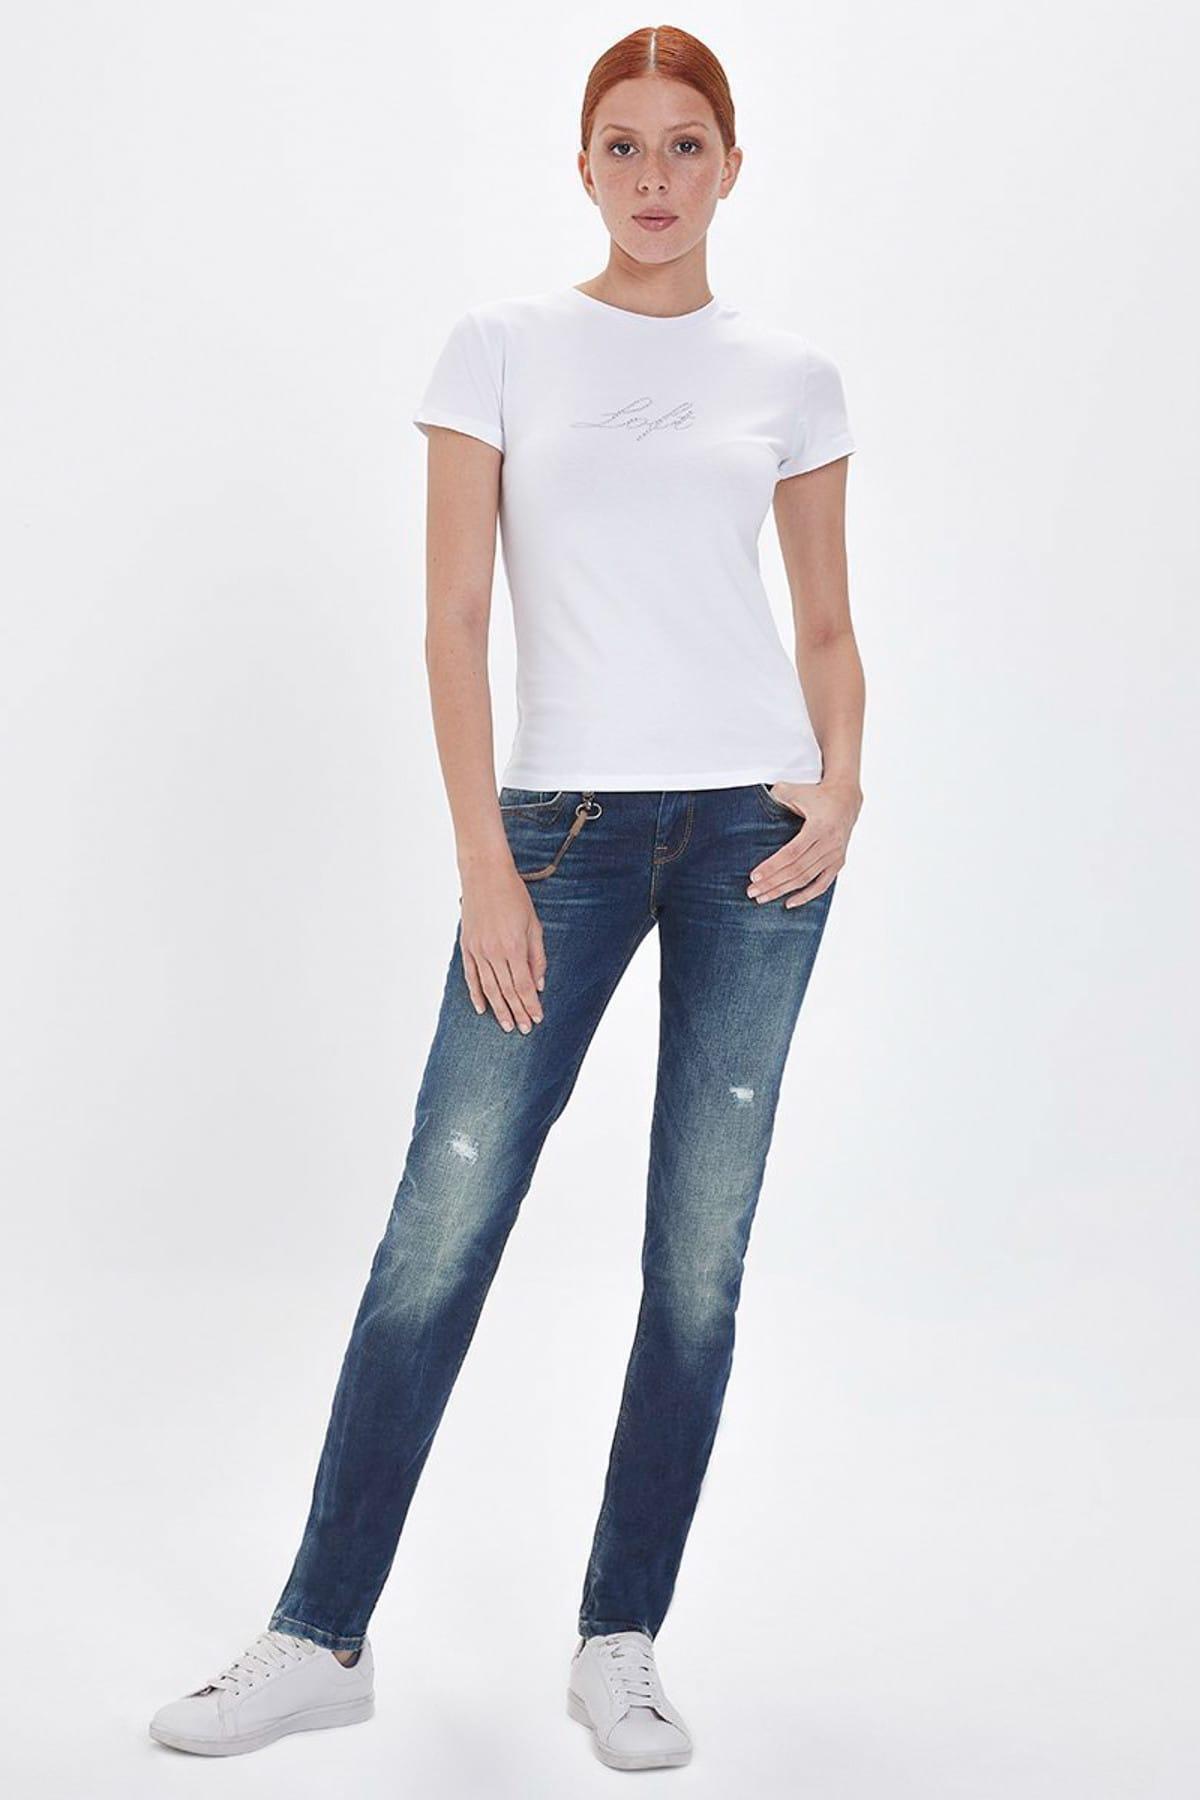 Loft Kadın T-shirt LF2022483